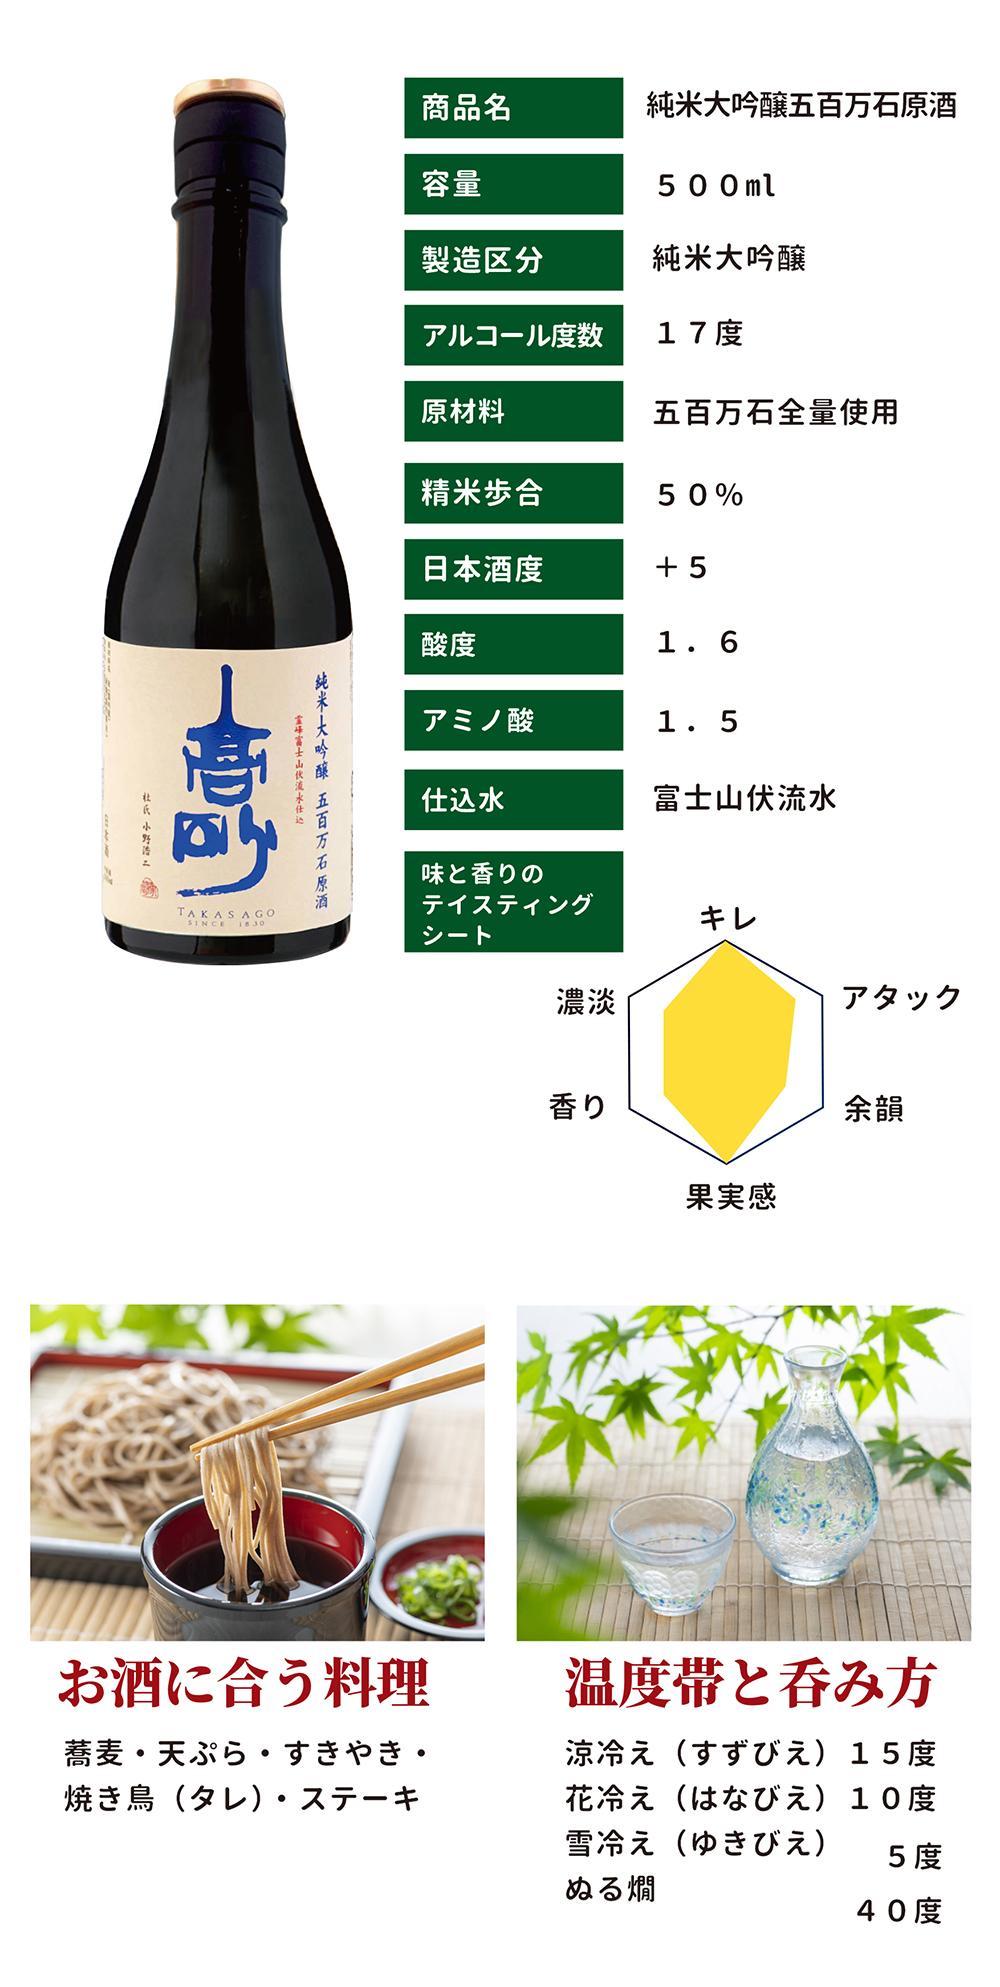 高砂 純米大吟醸